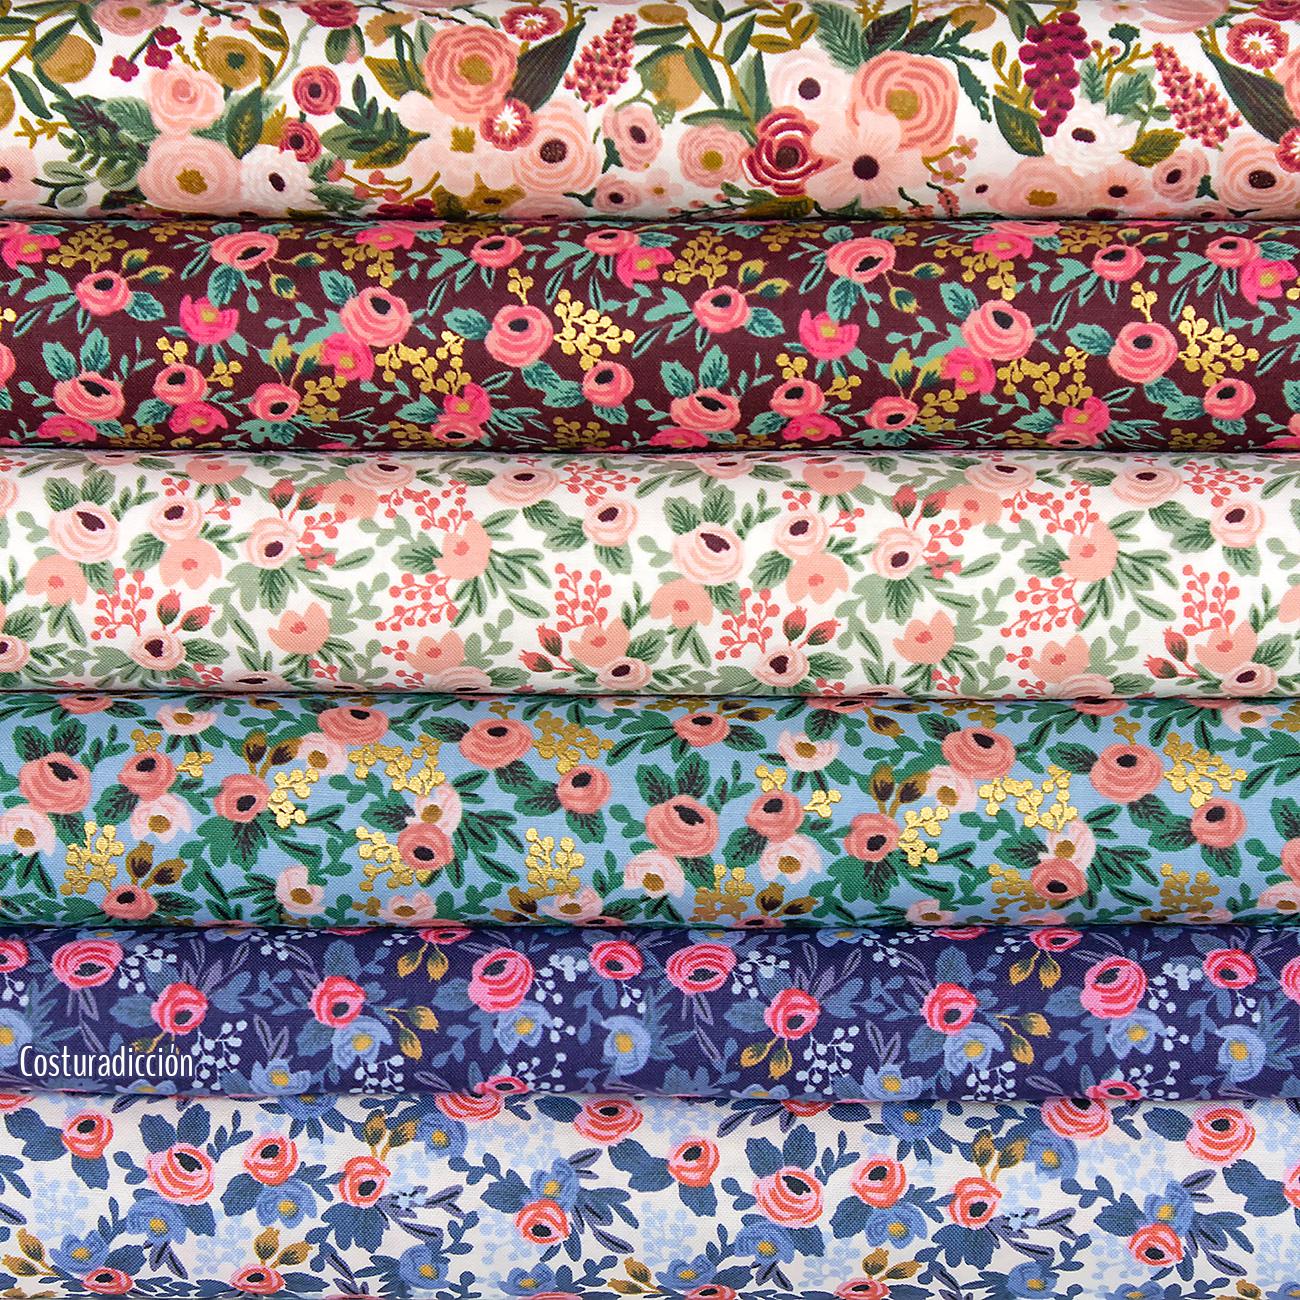 Imagen de producto: https://tienda.costuradiccion.com/img/articulos/secundarias14535-tela-rifle-paper-garden-party-rosa-con-metalizado-algodon-medio-metro-5.jpg